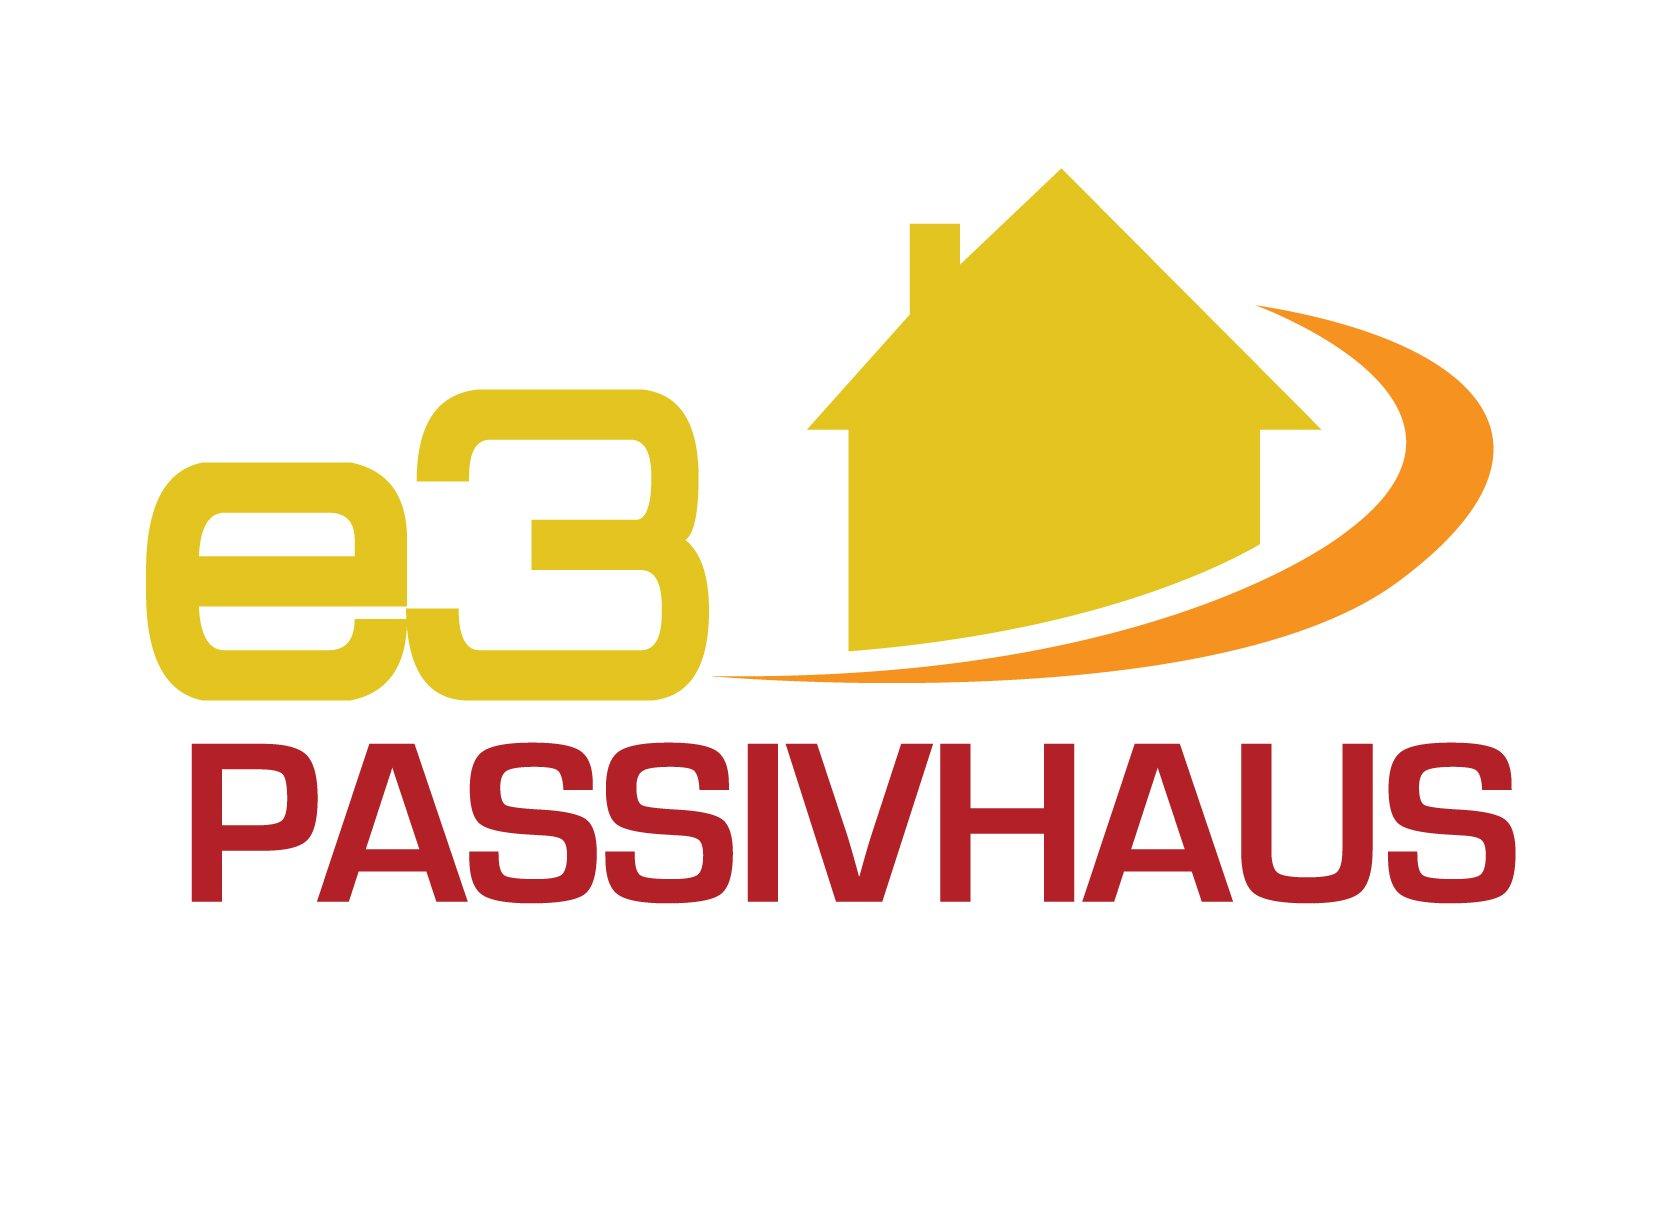 E3 PASSIVHAUS